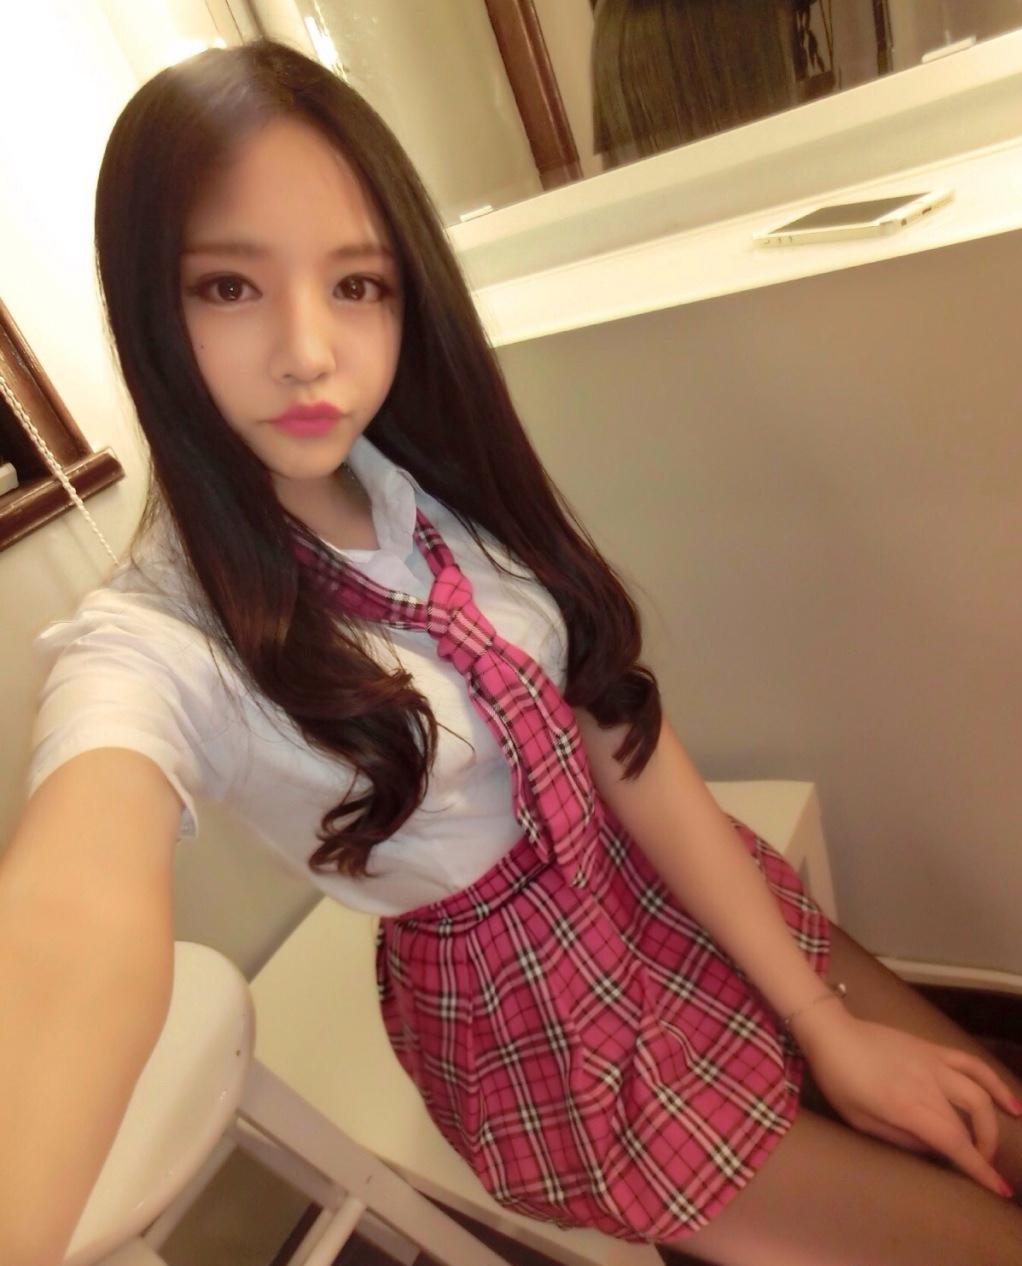 娼婦チックな韓国の制服JK、期待を裏切らないセクスィーさwwwwwwww(画像27枚)・14枚目